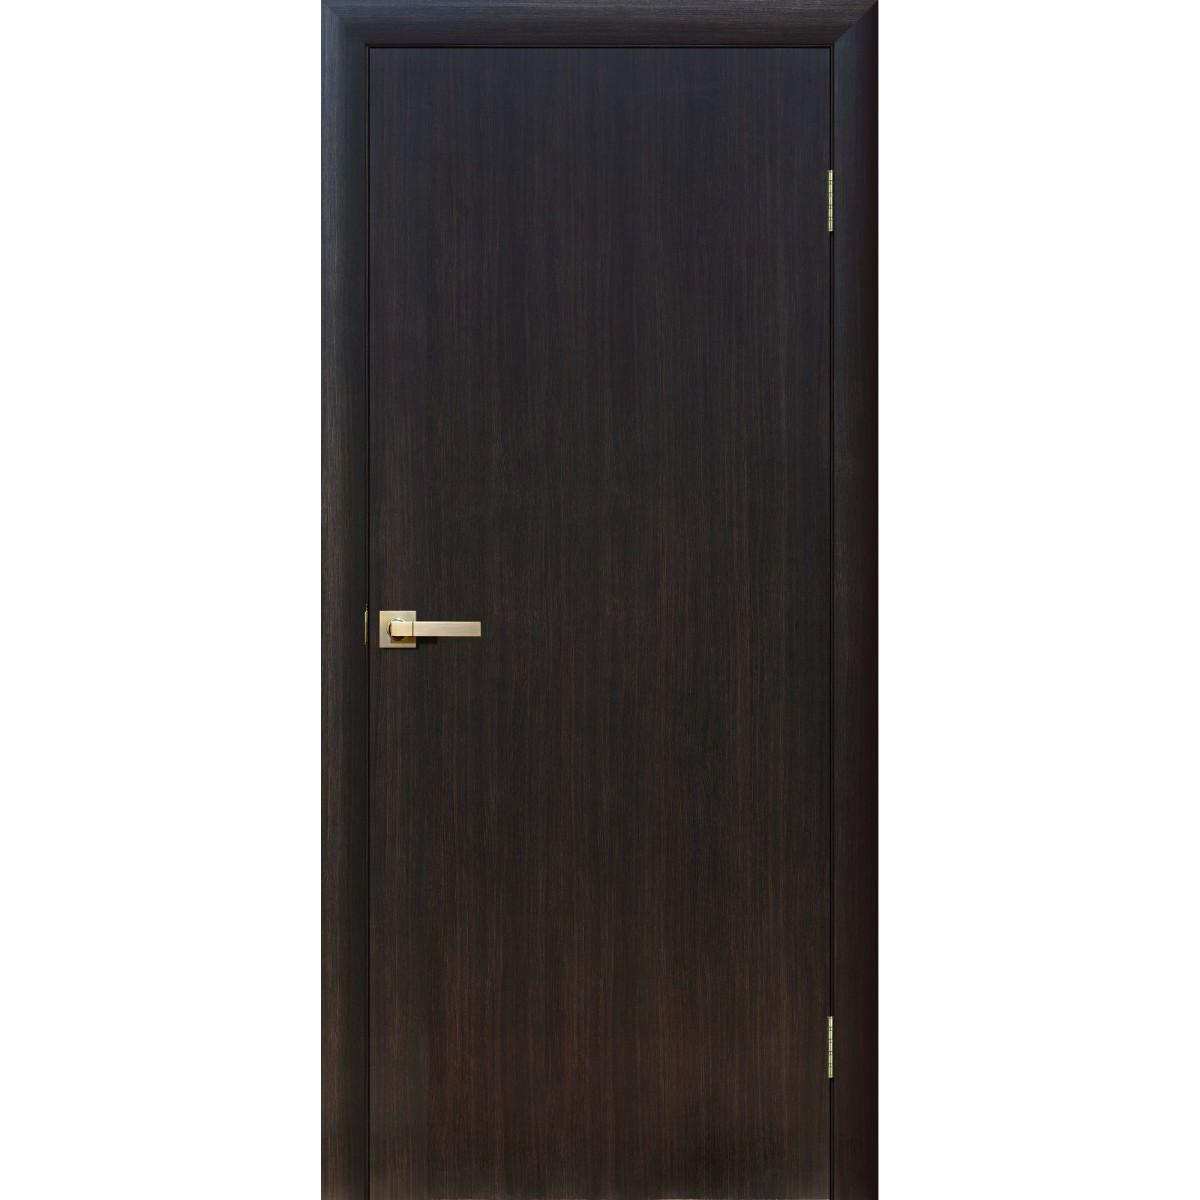 Дверь Межкомнатная Глухая Стандарт 60x200 Ламинация Цвет Дуб Феррара